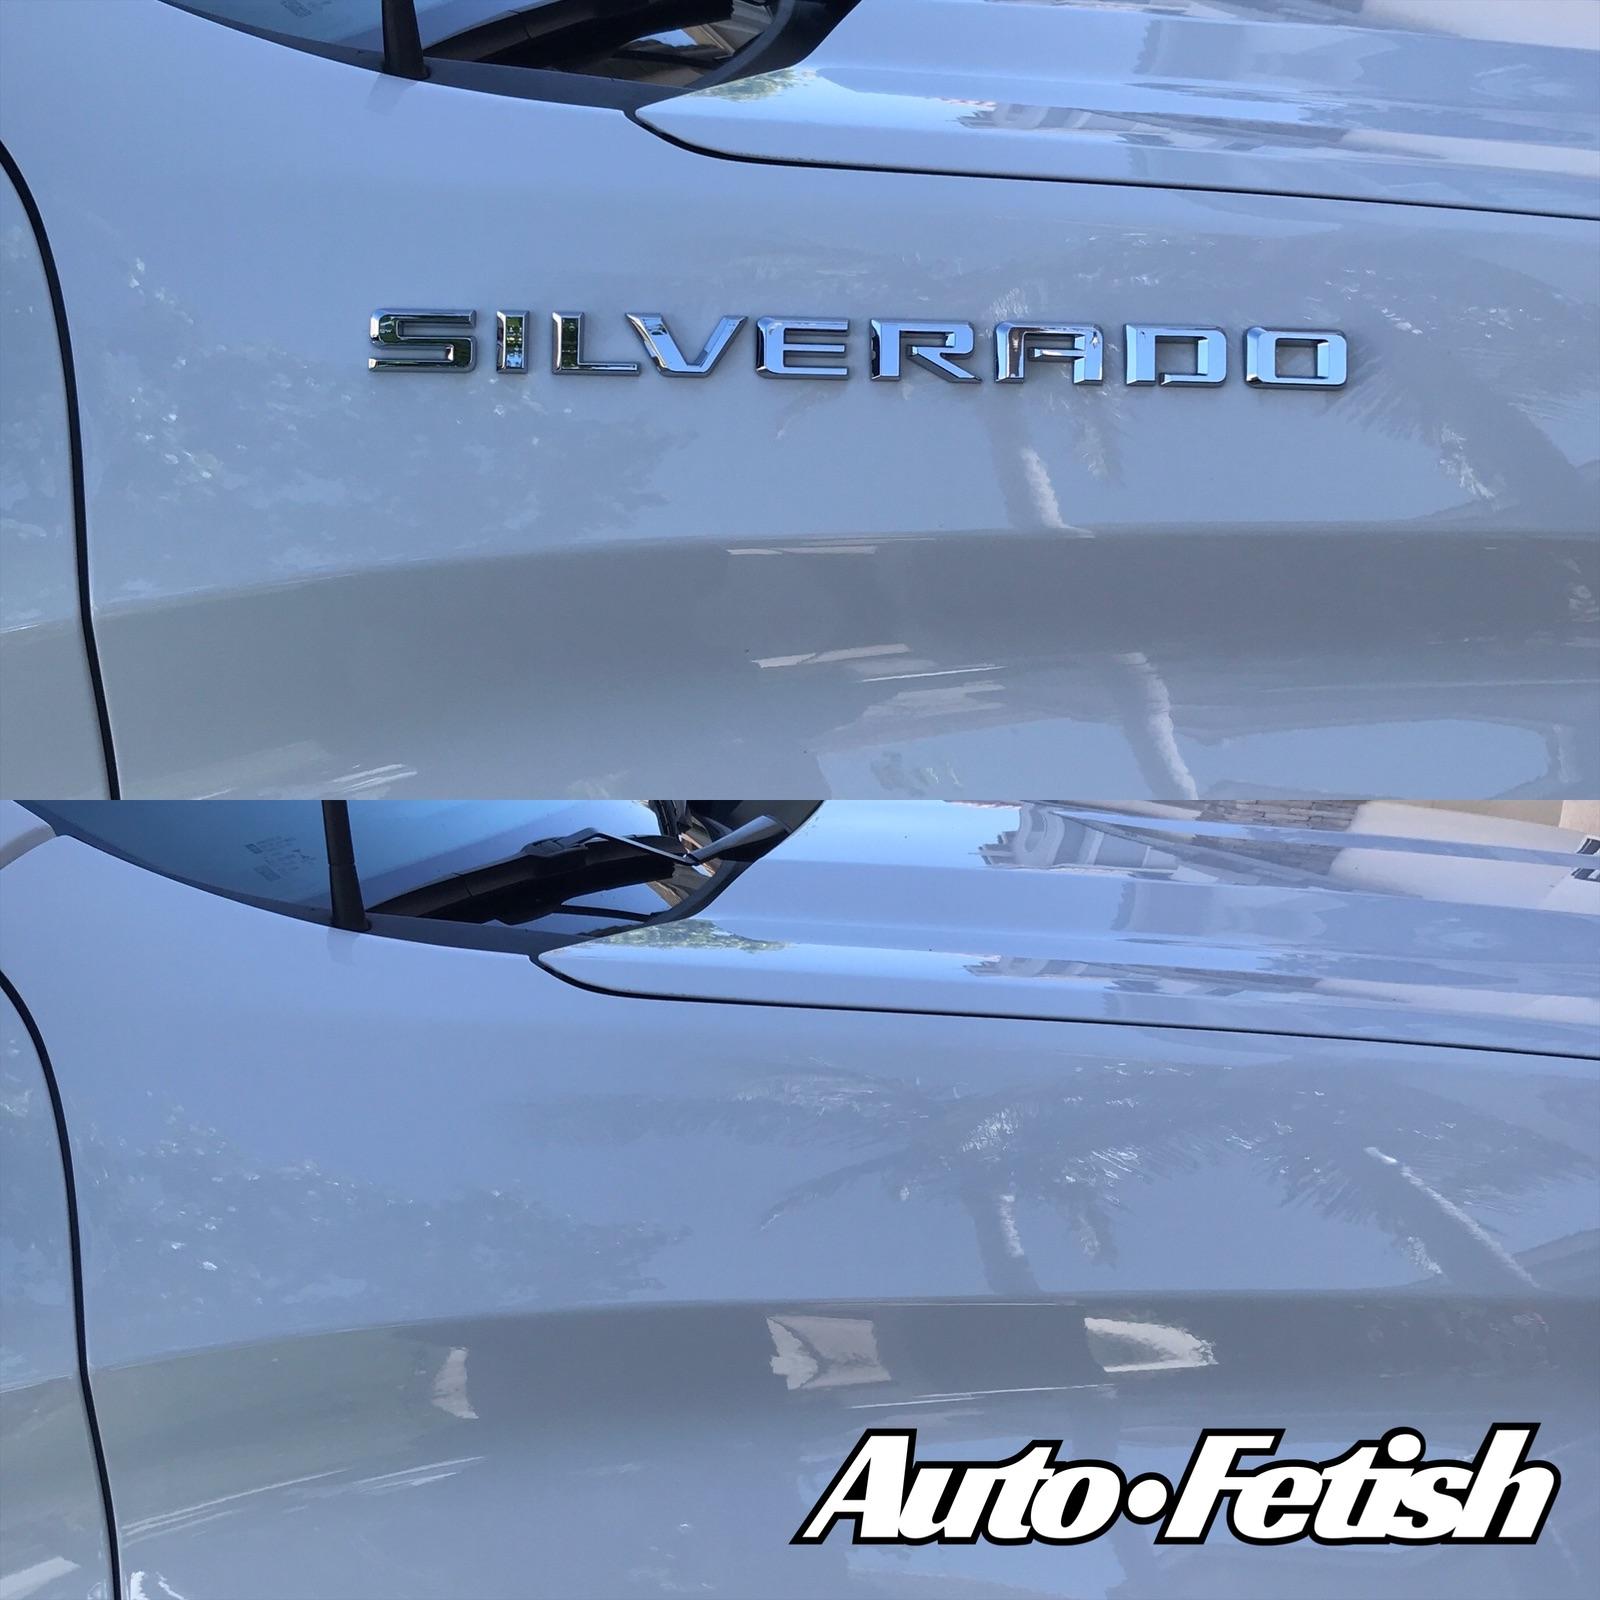 2020 chevy silverado truck debadge